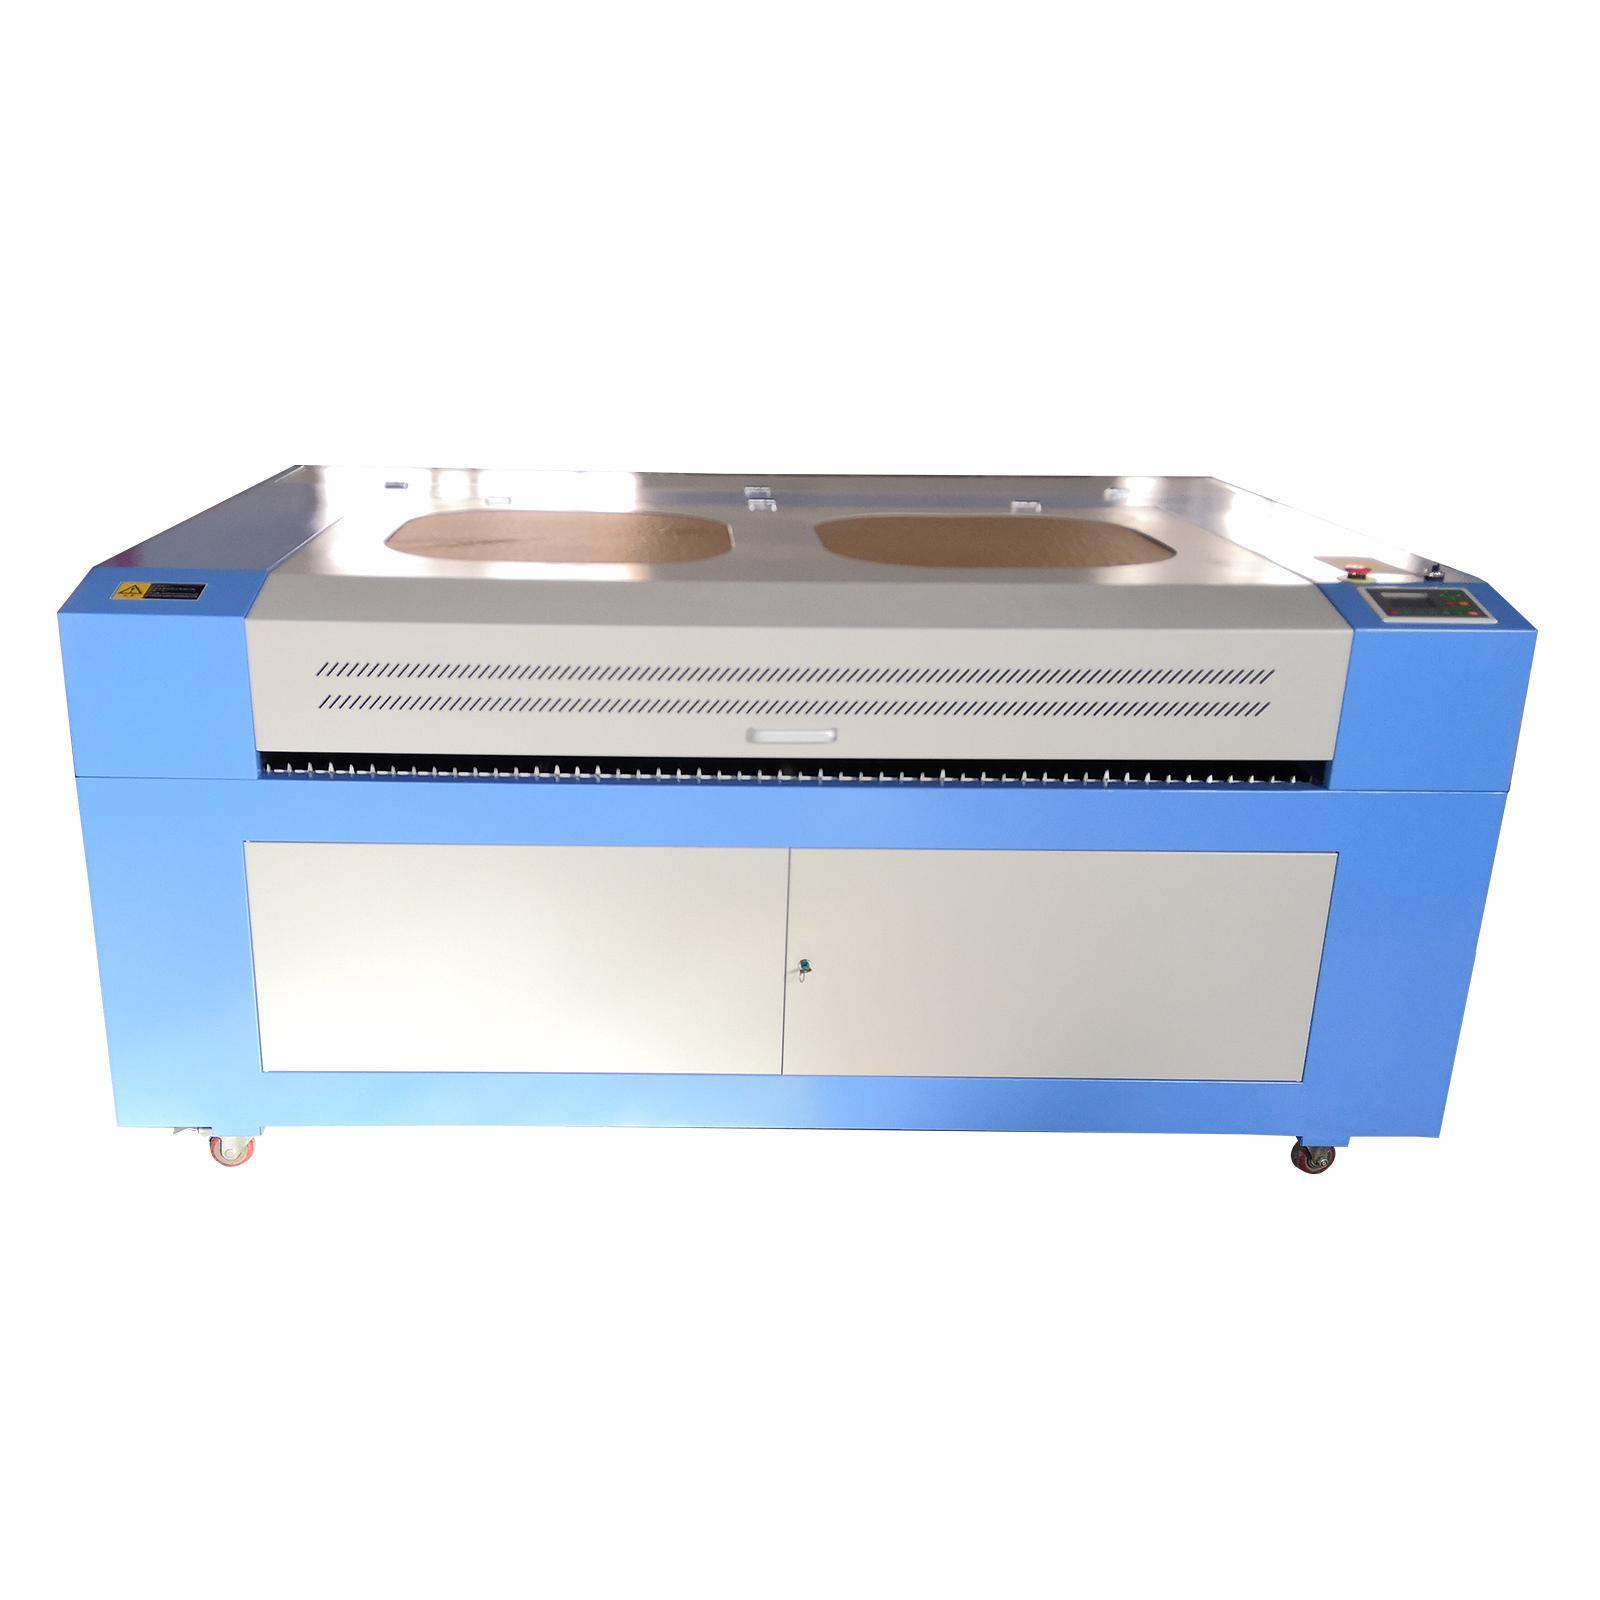 1610激光雕刻機亞克力切割布料激光切割機 1